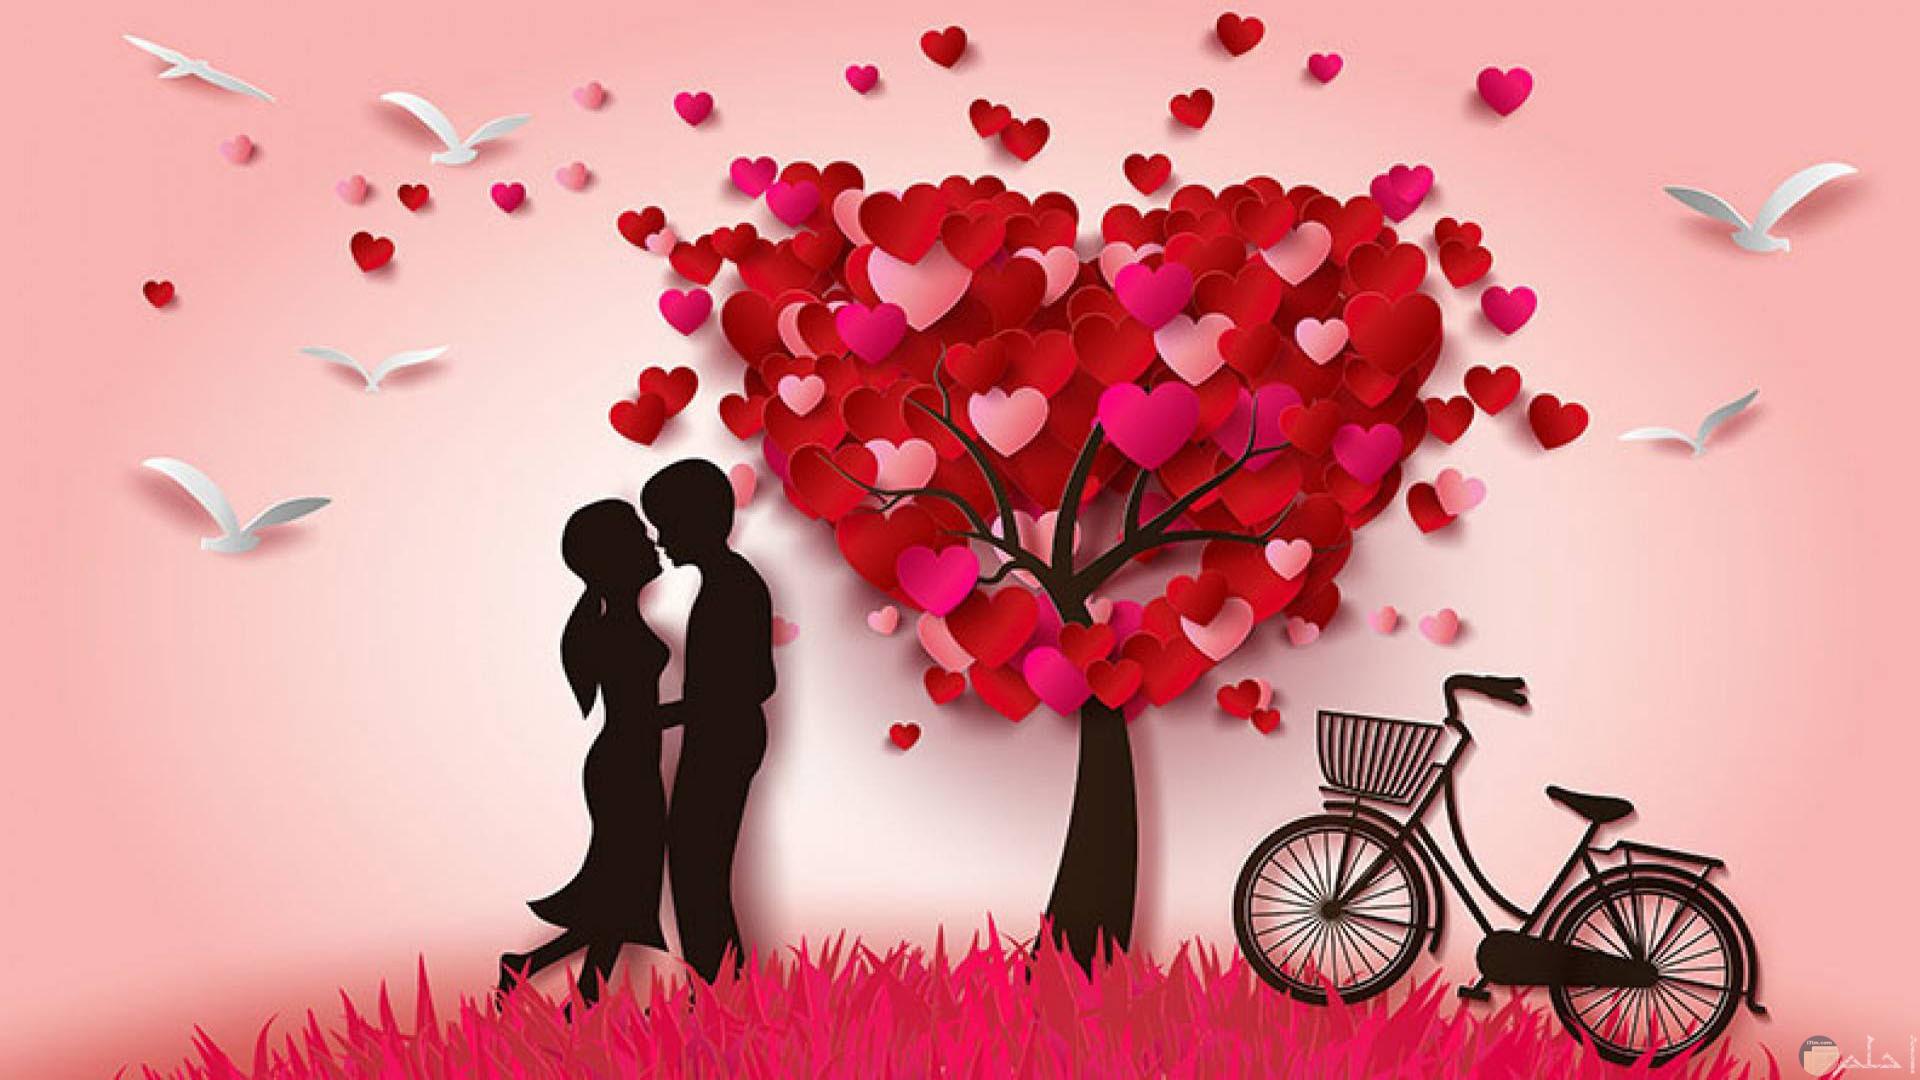 رسمة قلوب حب و رومانسية Wallpaper